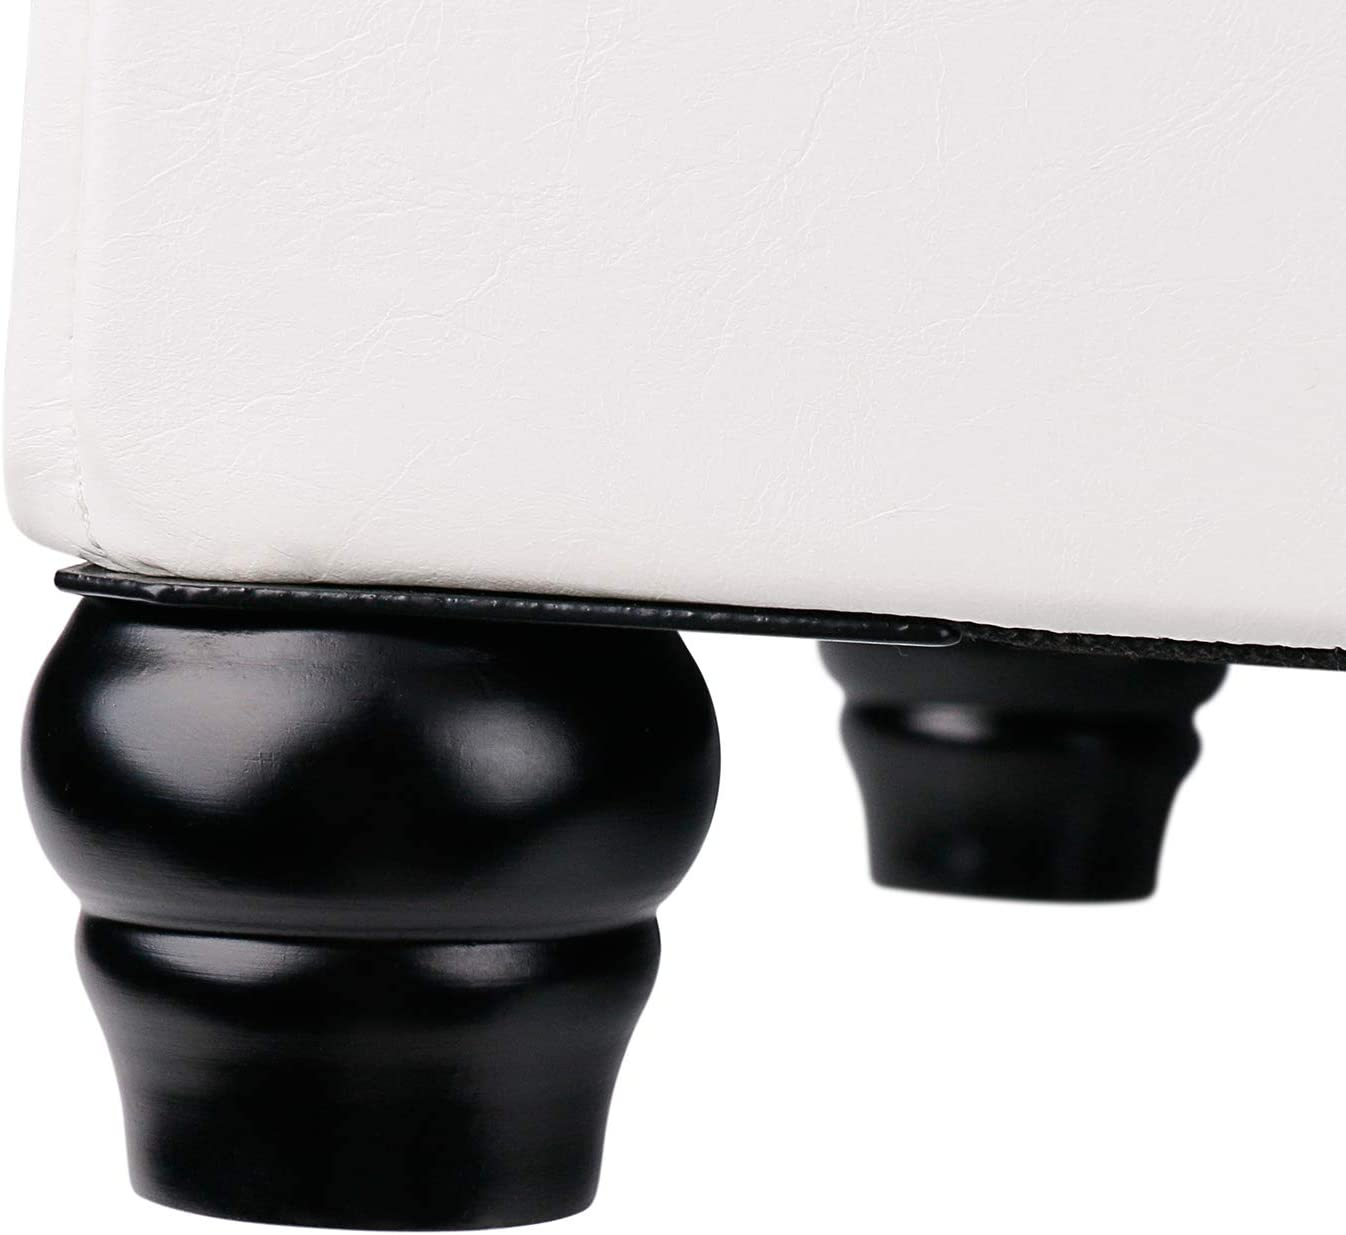 Leader Accessories Sitztruhe 75L Stauraum faltbar Sitzbank Hockerbank Polsterhocker Spielzeugtruhe abnehmbar Deckel Truhenbank 76.5x37.5x38.5cm Grau